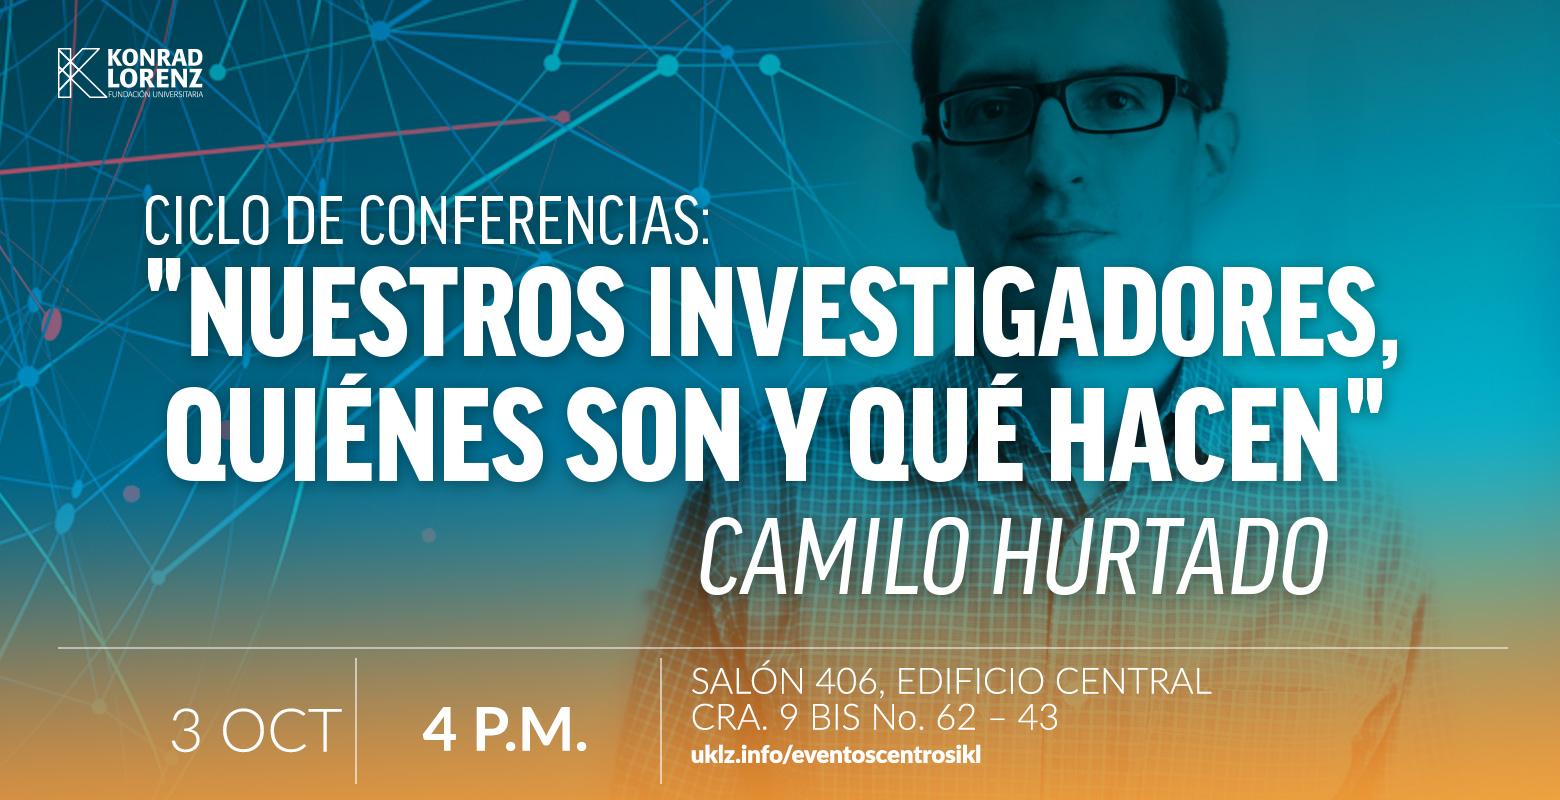 Nuestros Investigadores: Quiénes son y qué hacen: Camilo Hurtado